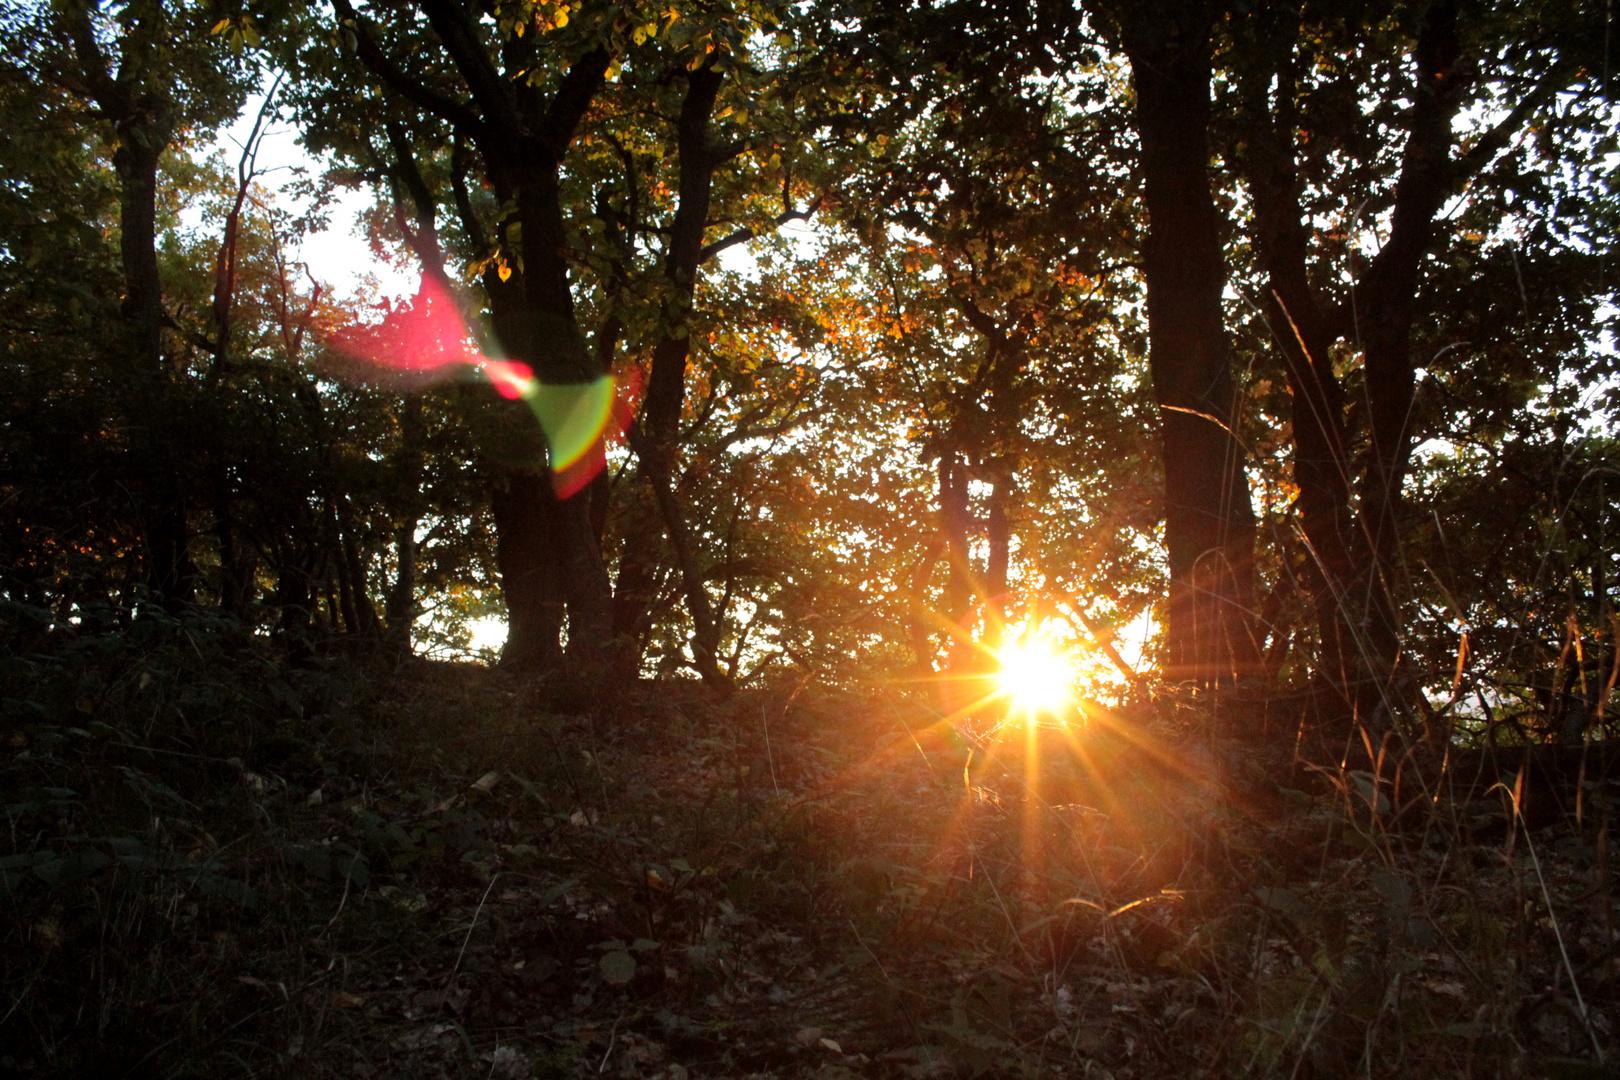 Waldspaziergang in sonnigem Herbst